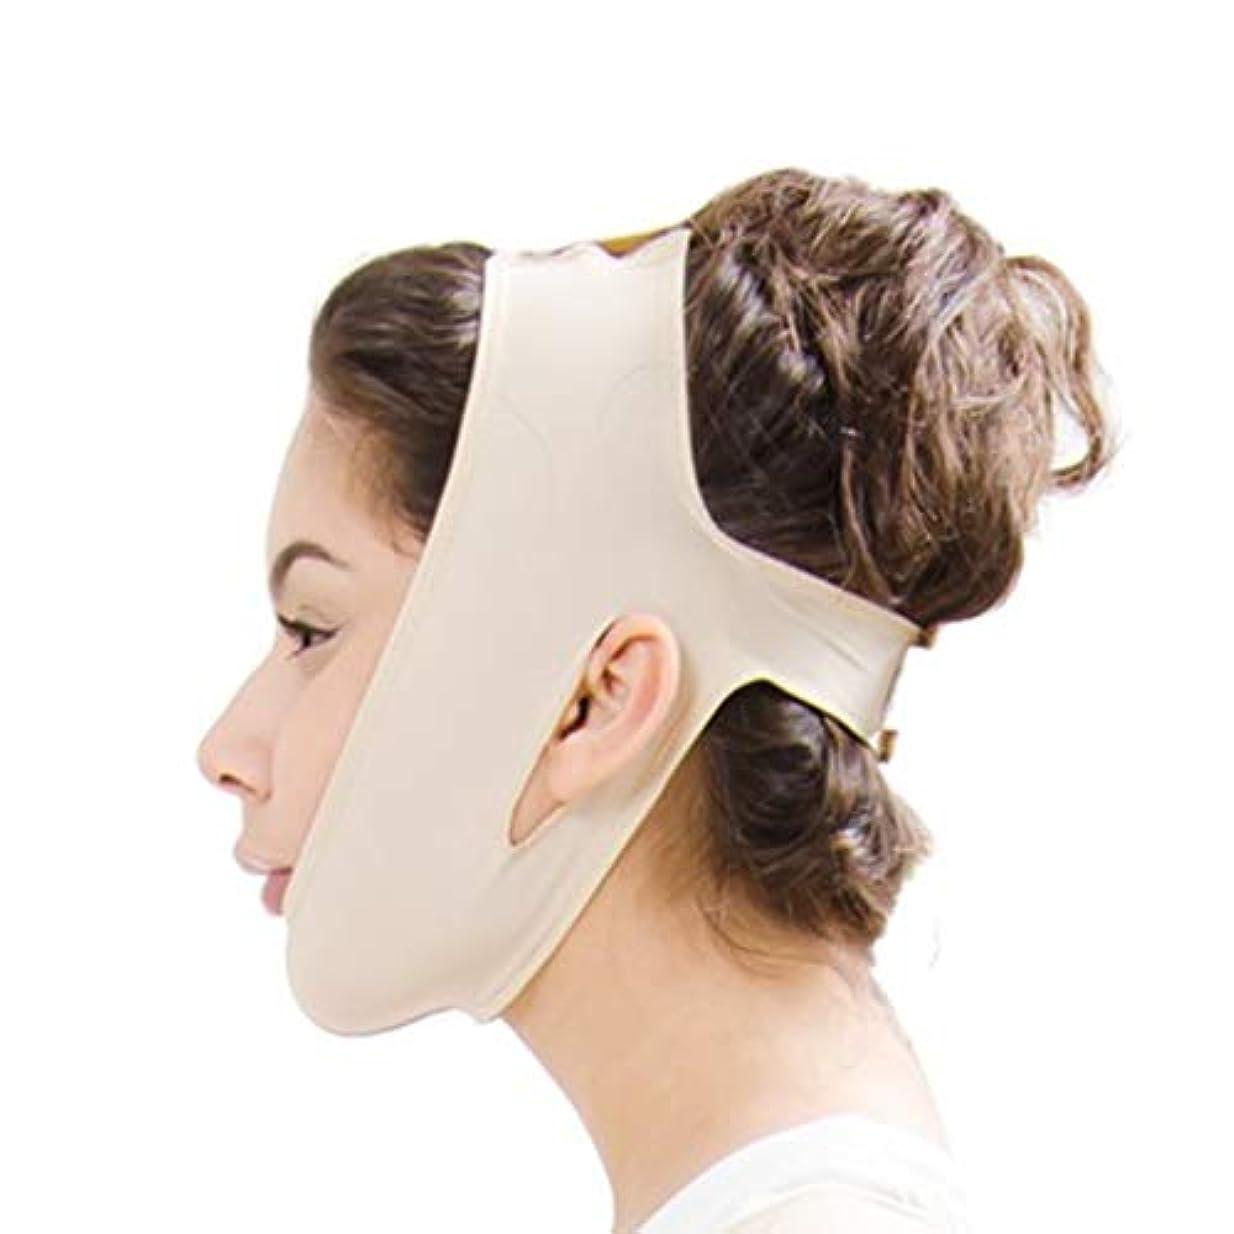 生産的本土電報フェイスリフトマスク、圧縮後の顎顔面二重あご化粧品脂肪吸引小さな顔包帯弾性ヘッドギア (Size : S)